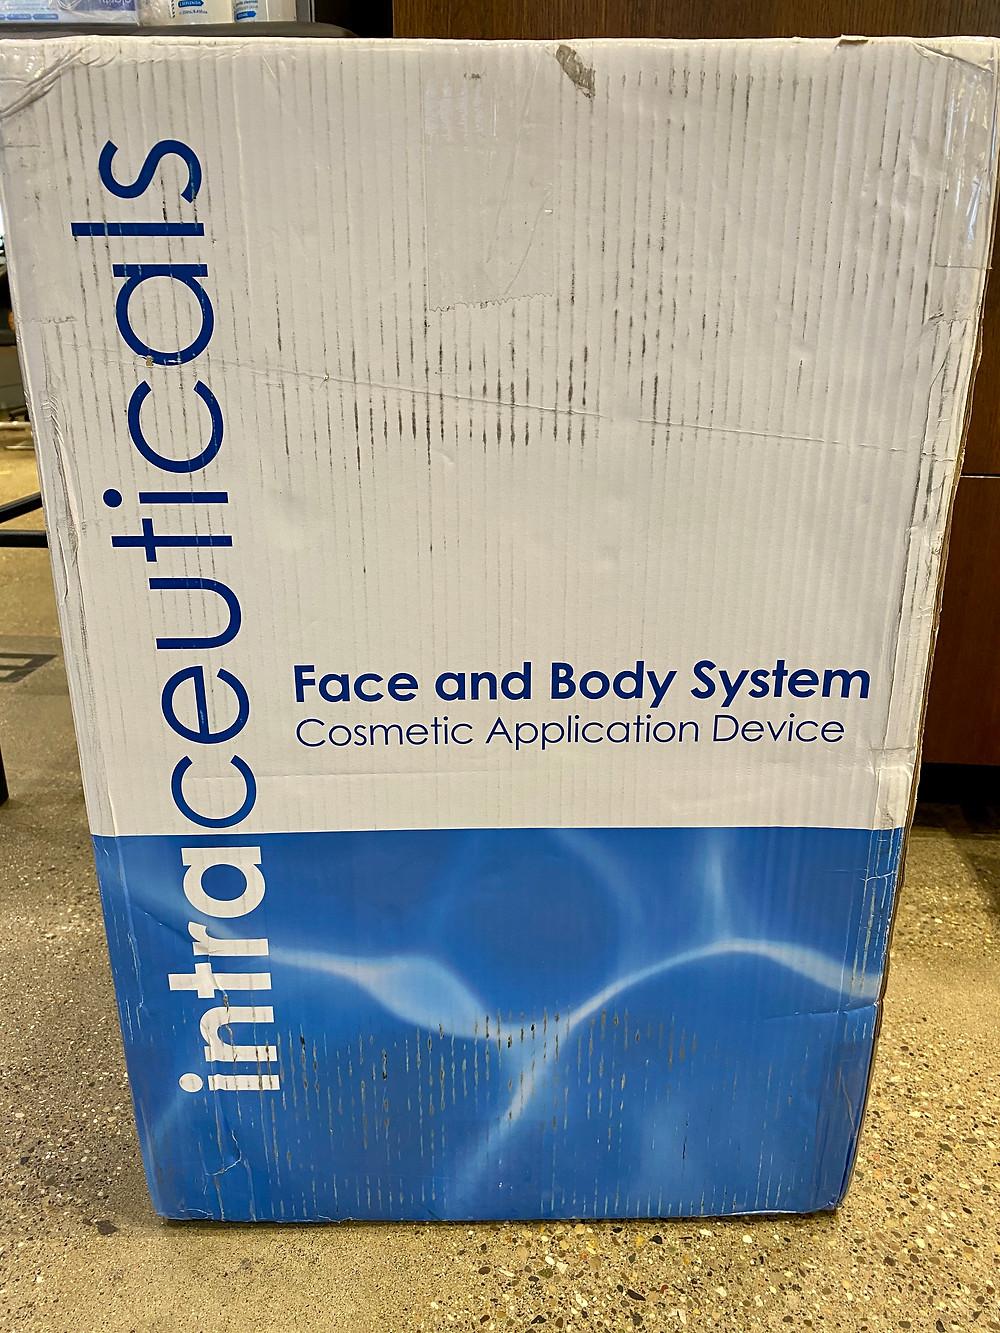 My new Intraceuticals oxygen machine